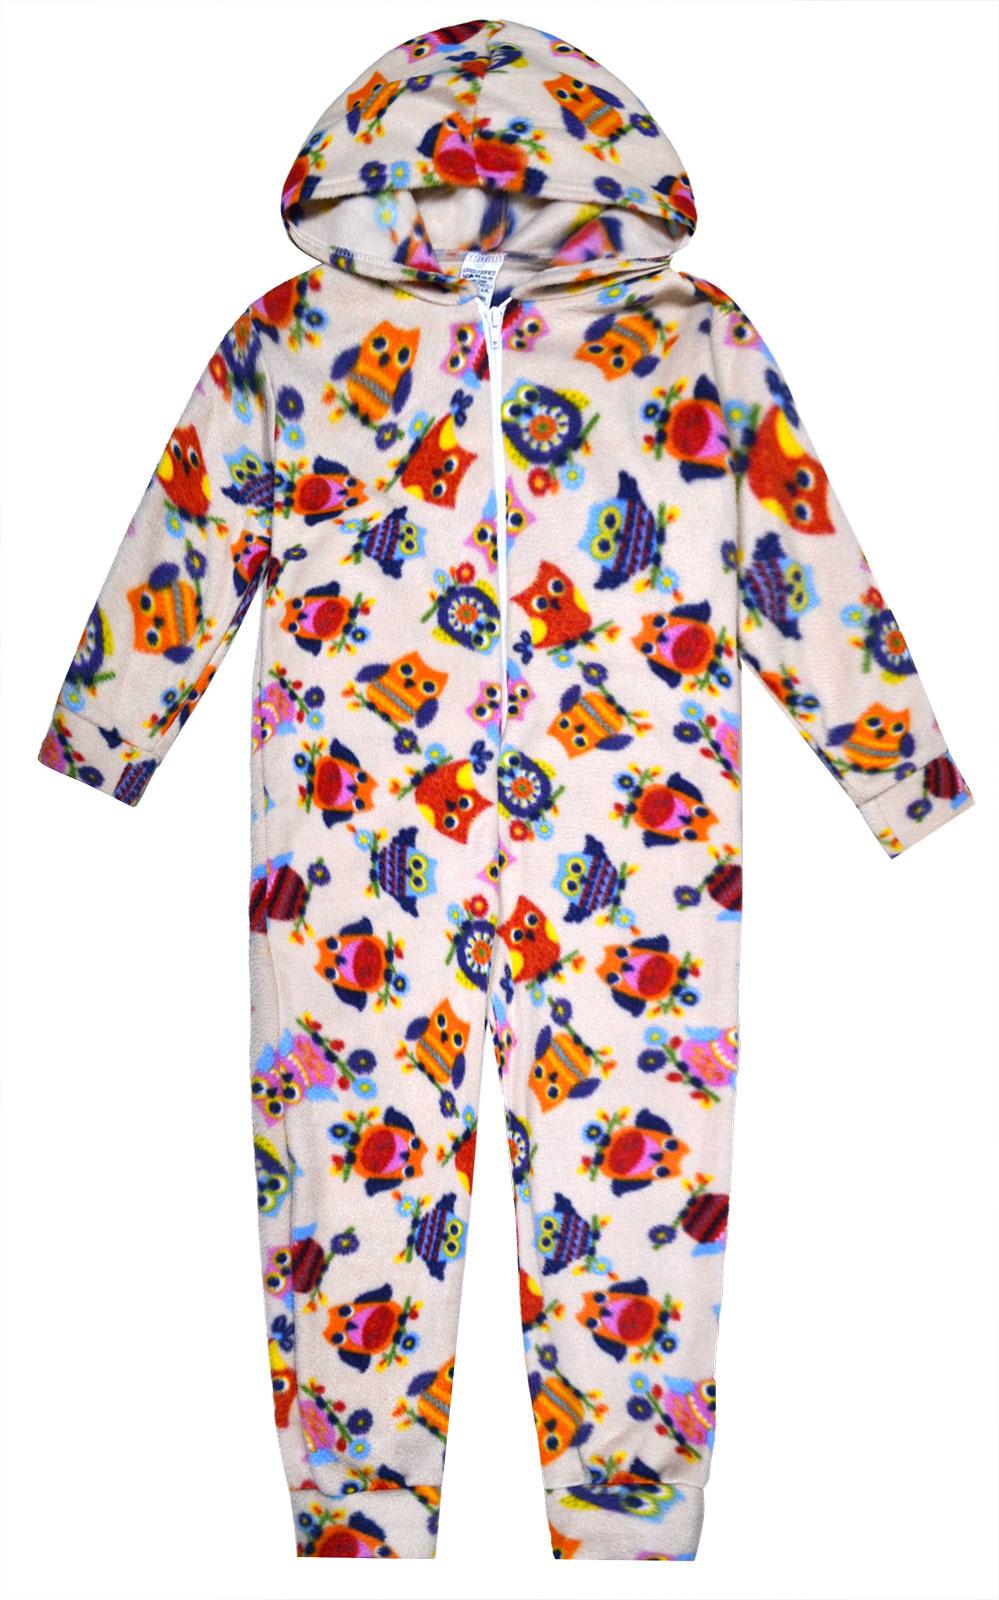 Girls 1Onesie1 Pyjama Owl Print Micro Fleece All In One Nightwear Ages 2-6 Years